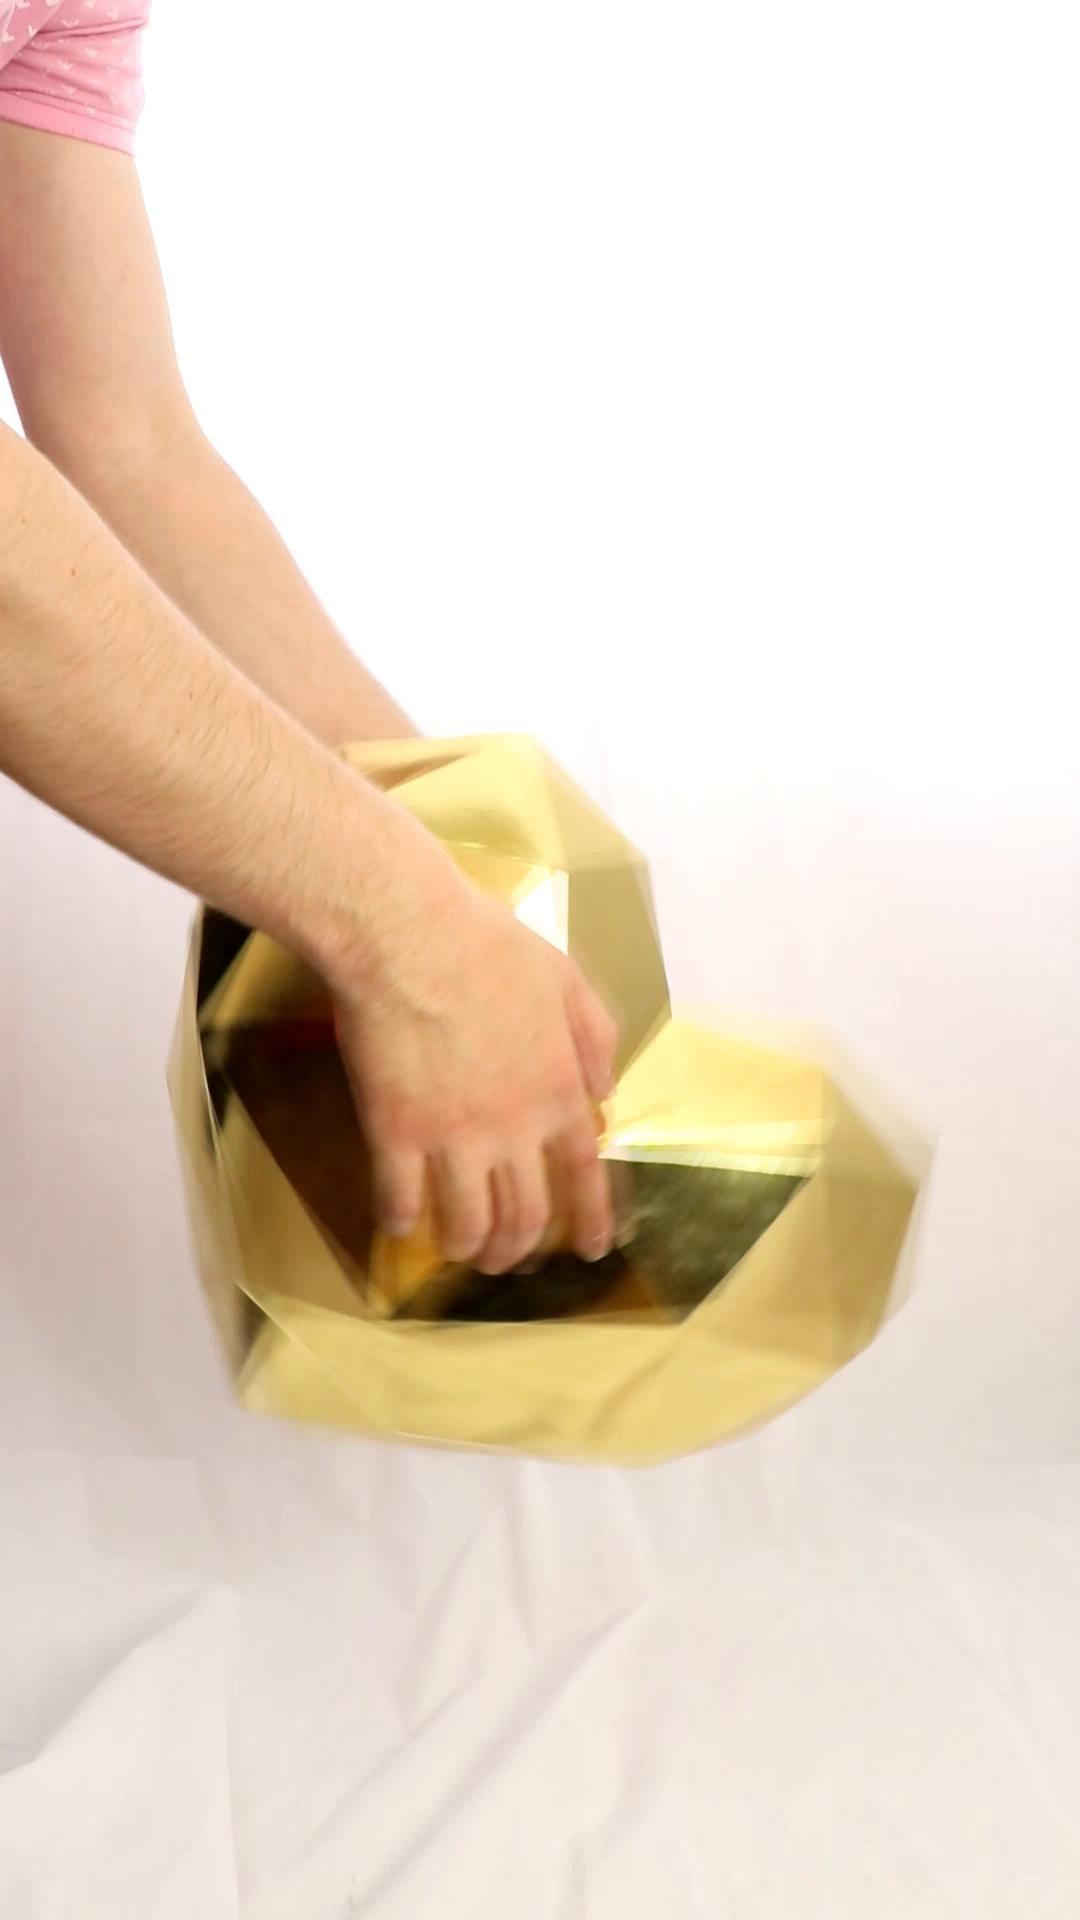 Heart Papercraft Sculpture Free Pdf Template Video In 2020 Paper Crafts Pdf Templates Sculpture Kids